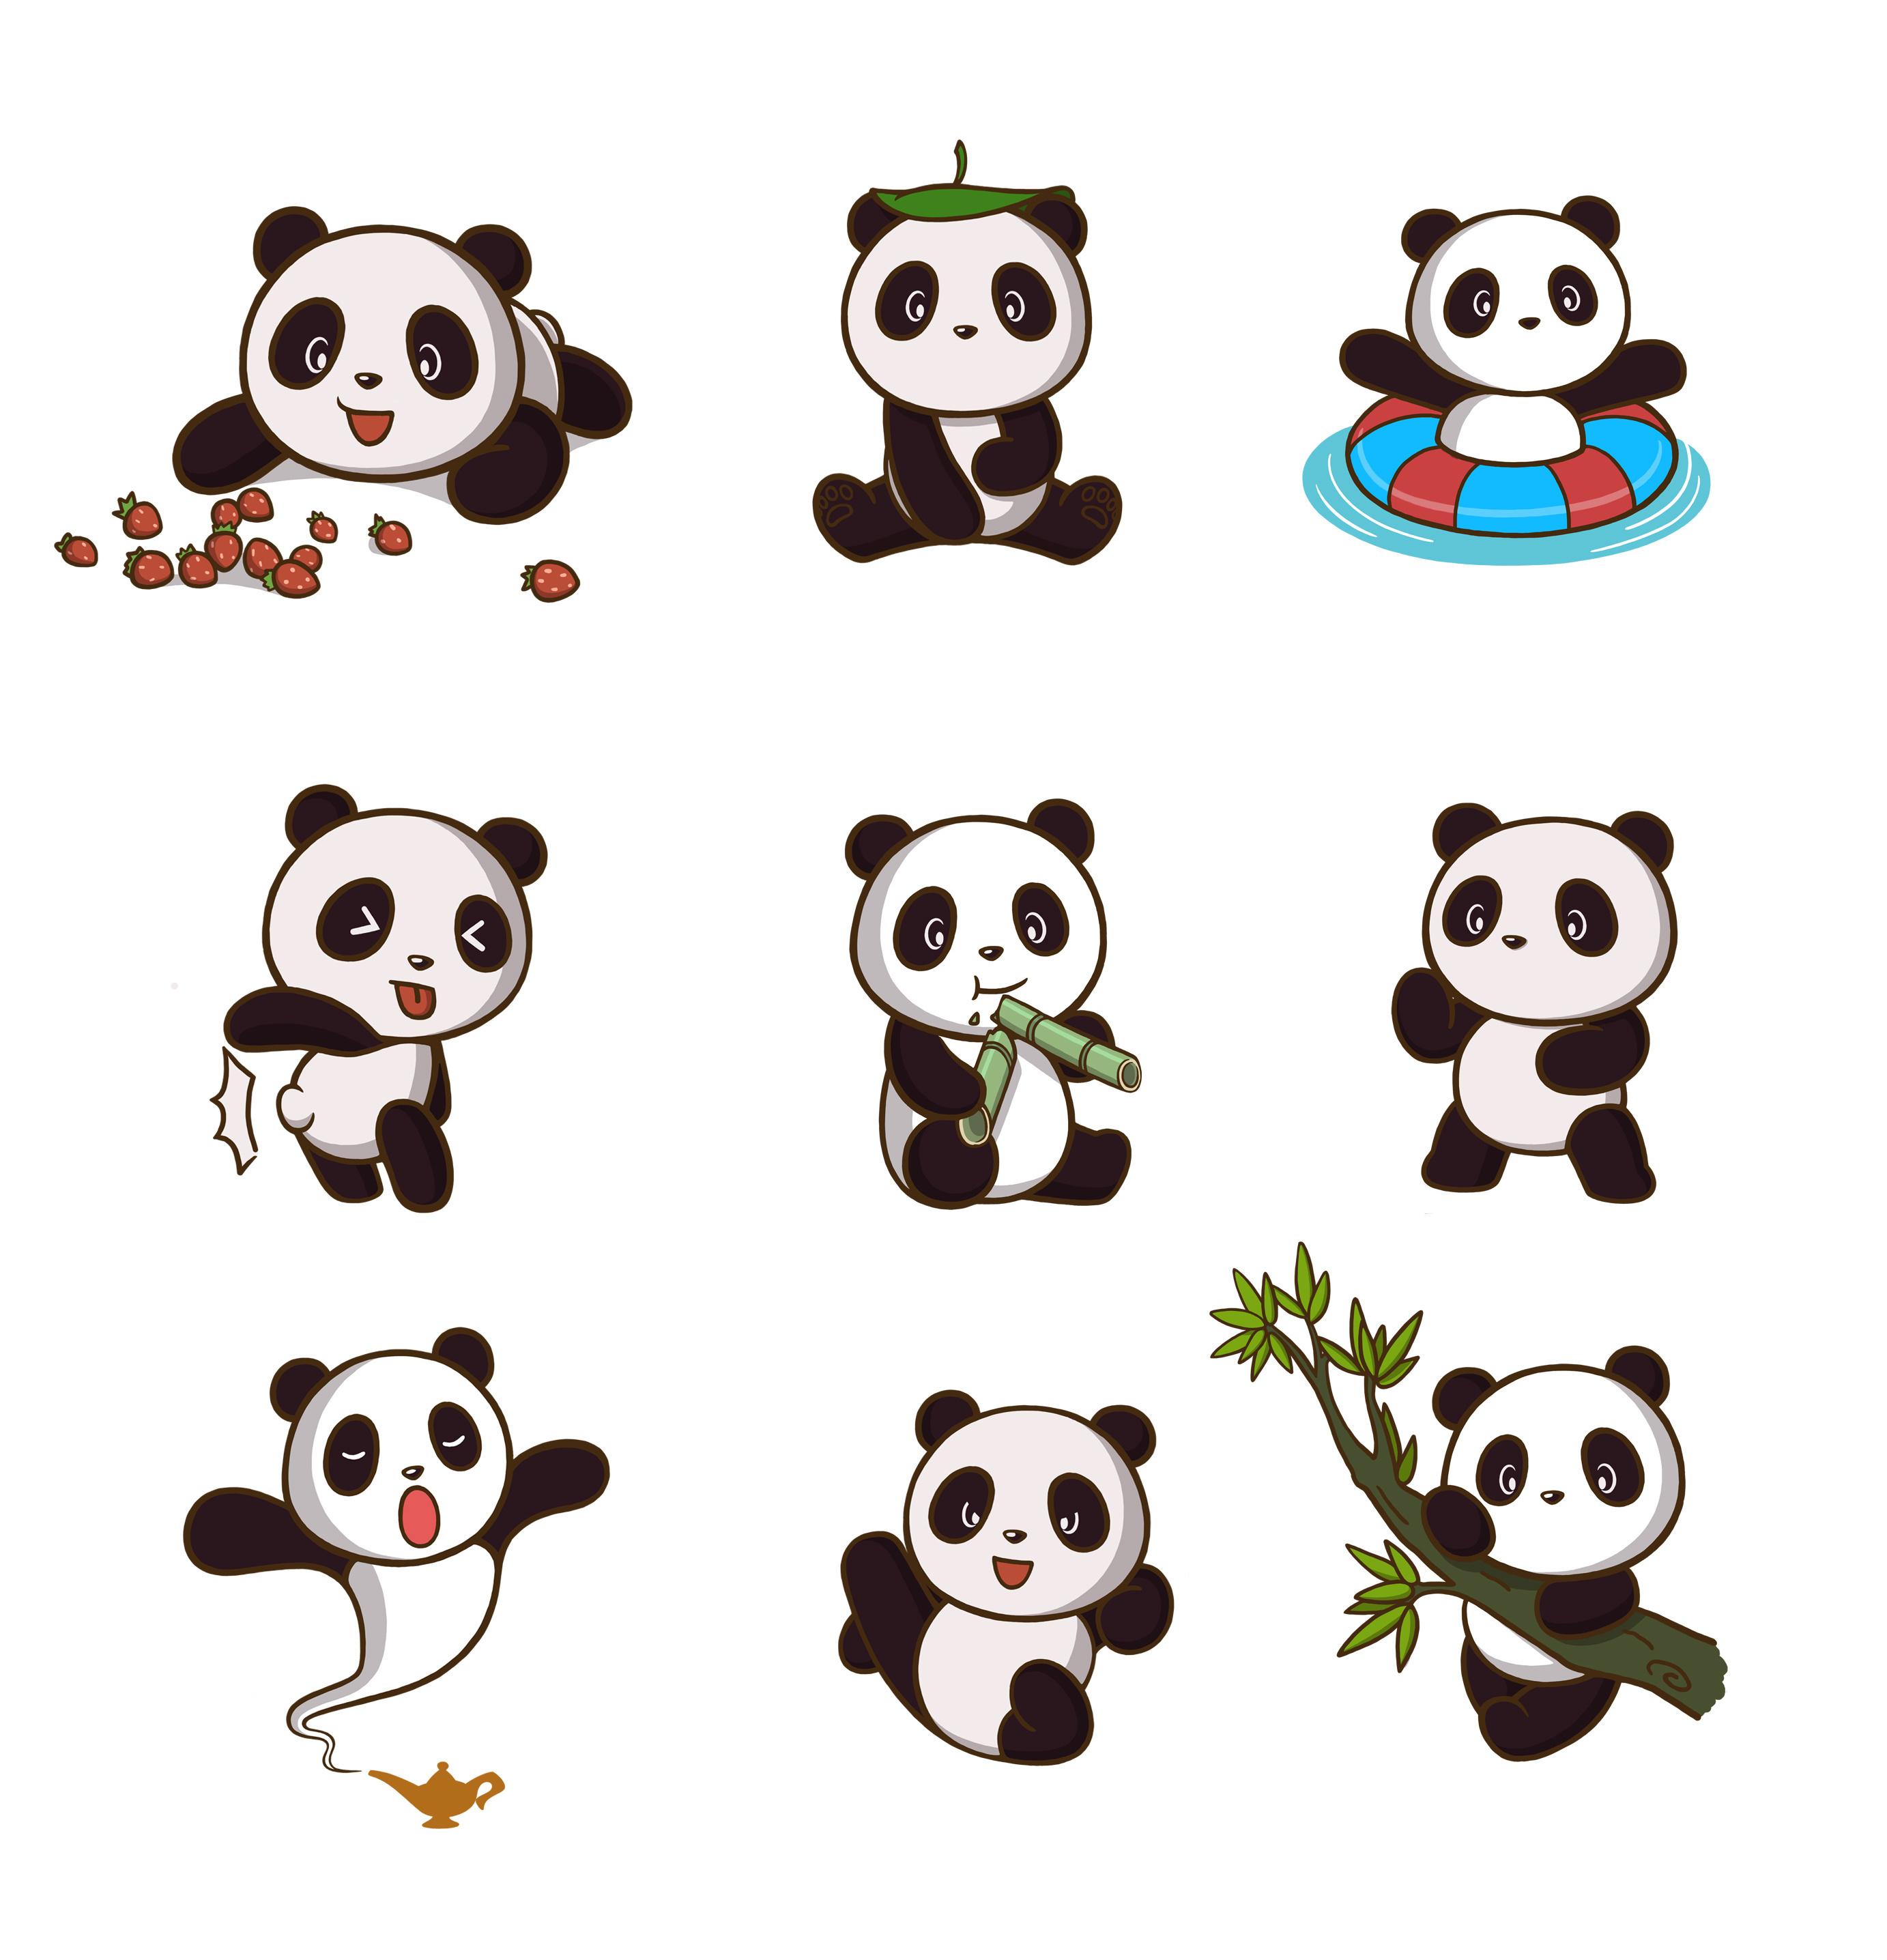 卡通熊猫形象 欢迎约稿,qq:3088231502图片